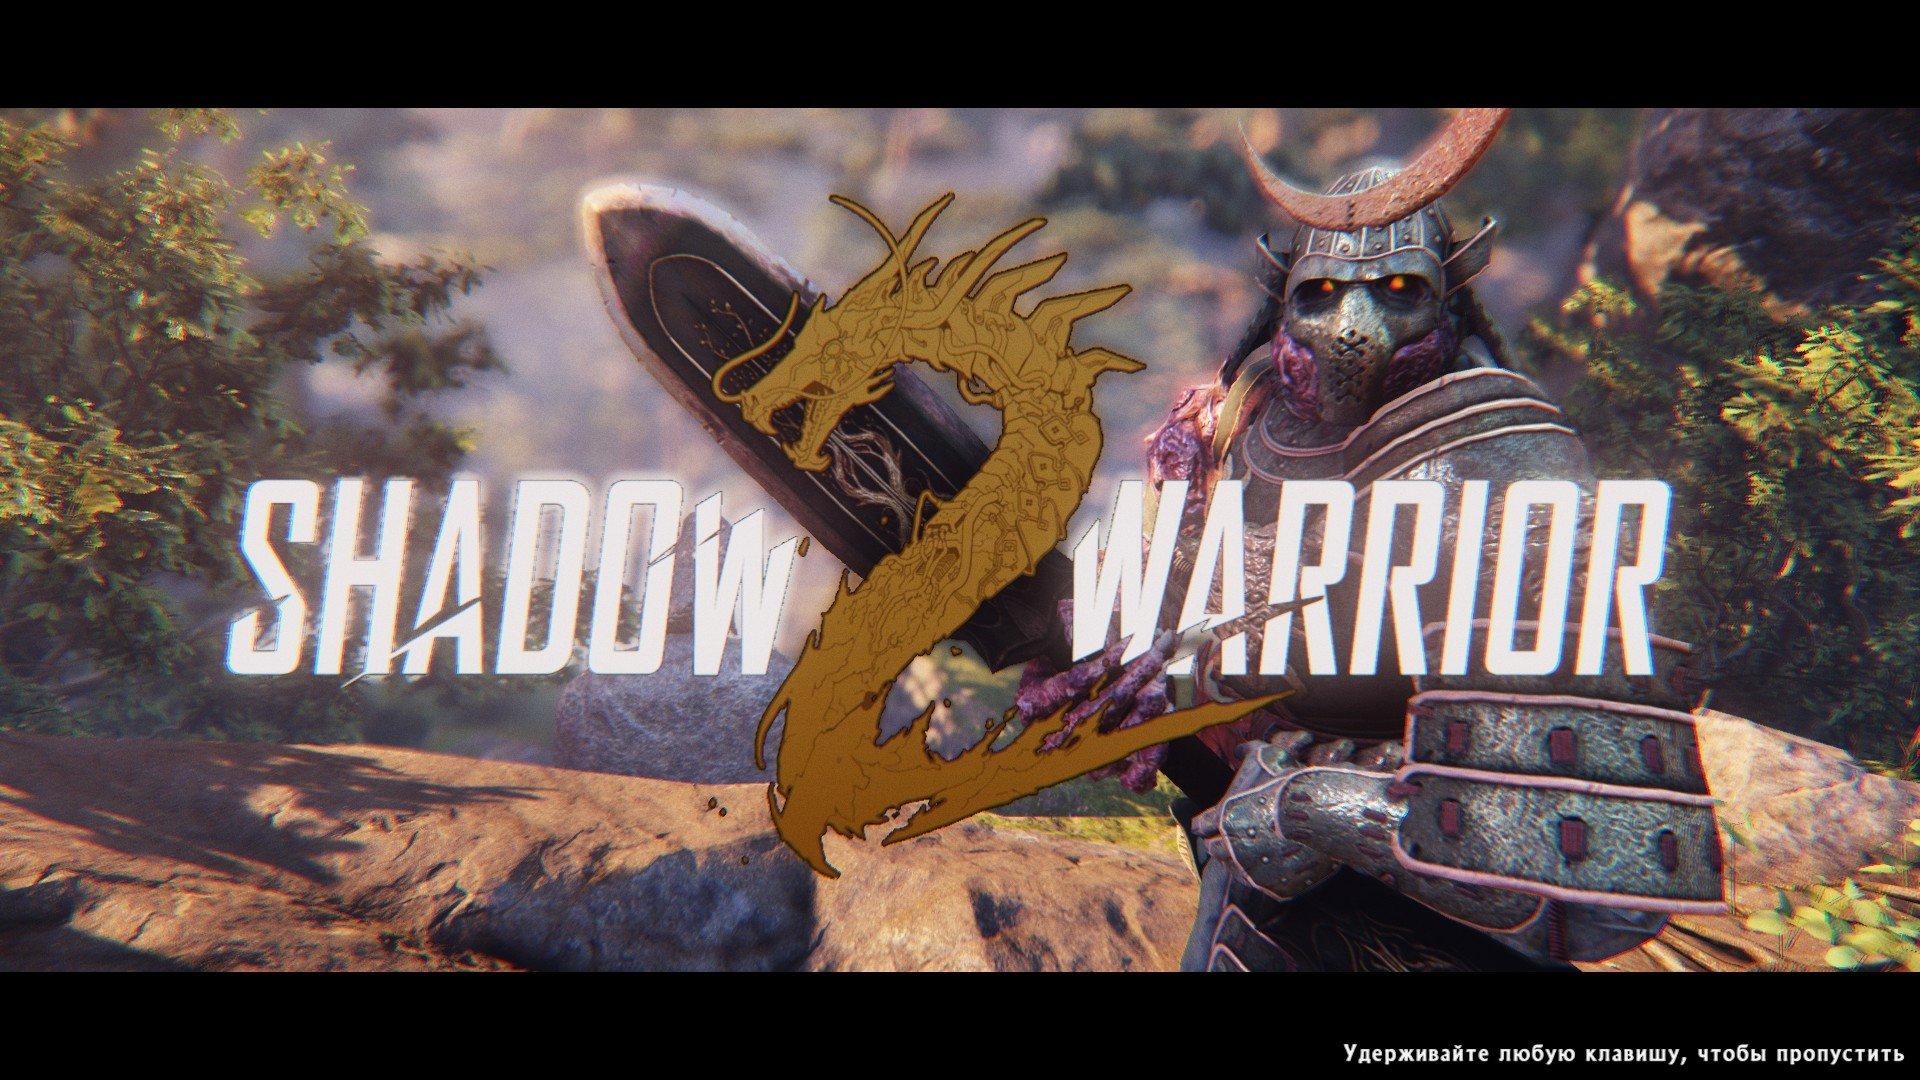 Пост-прохождение Shadow Warrior 2 Часть 1 НАЧАЛО - Изображение 1